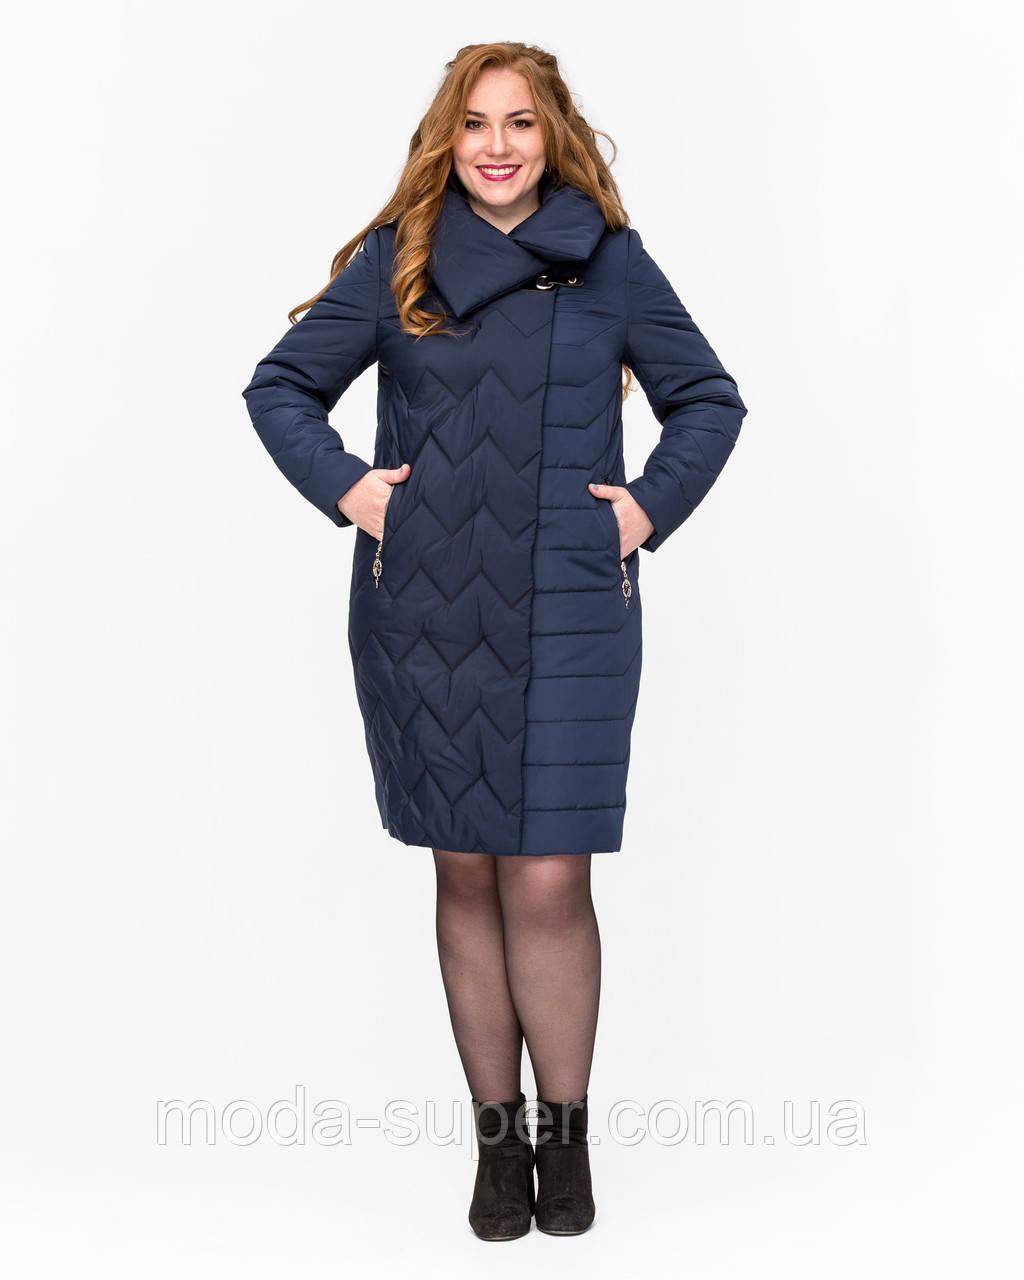 Жіноча куртка демі великі розміри рр 48-60